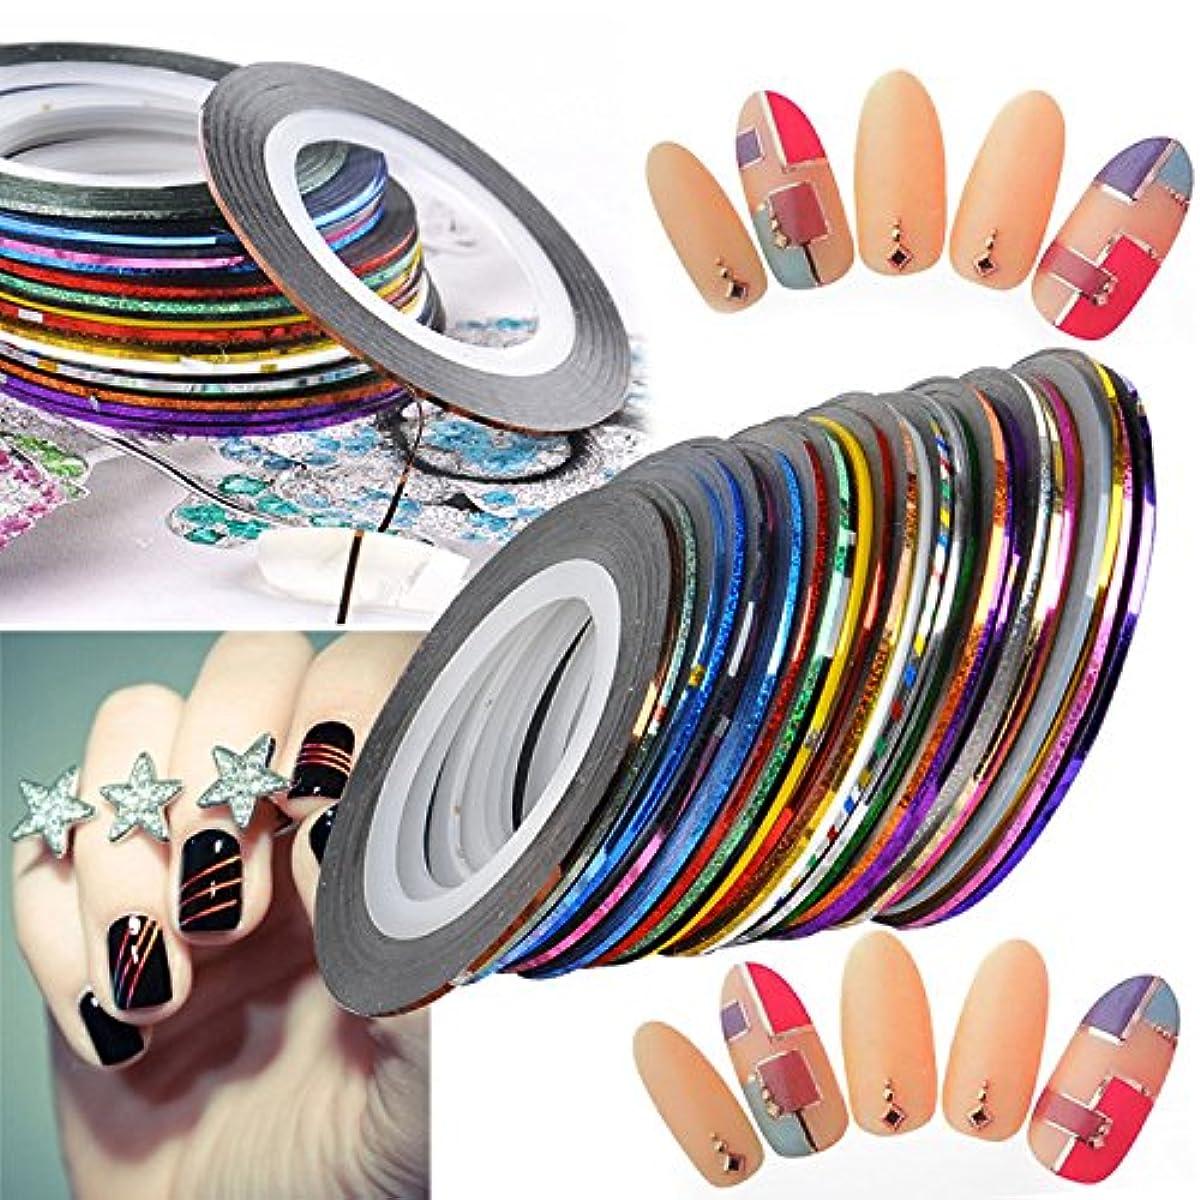 バウンス地上で苦いネイルアート用 ラインテープ 爪 飾り用品 カラフル 綺麗 ラインアートテープ 30種セット